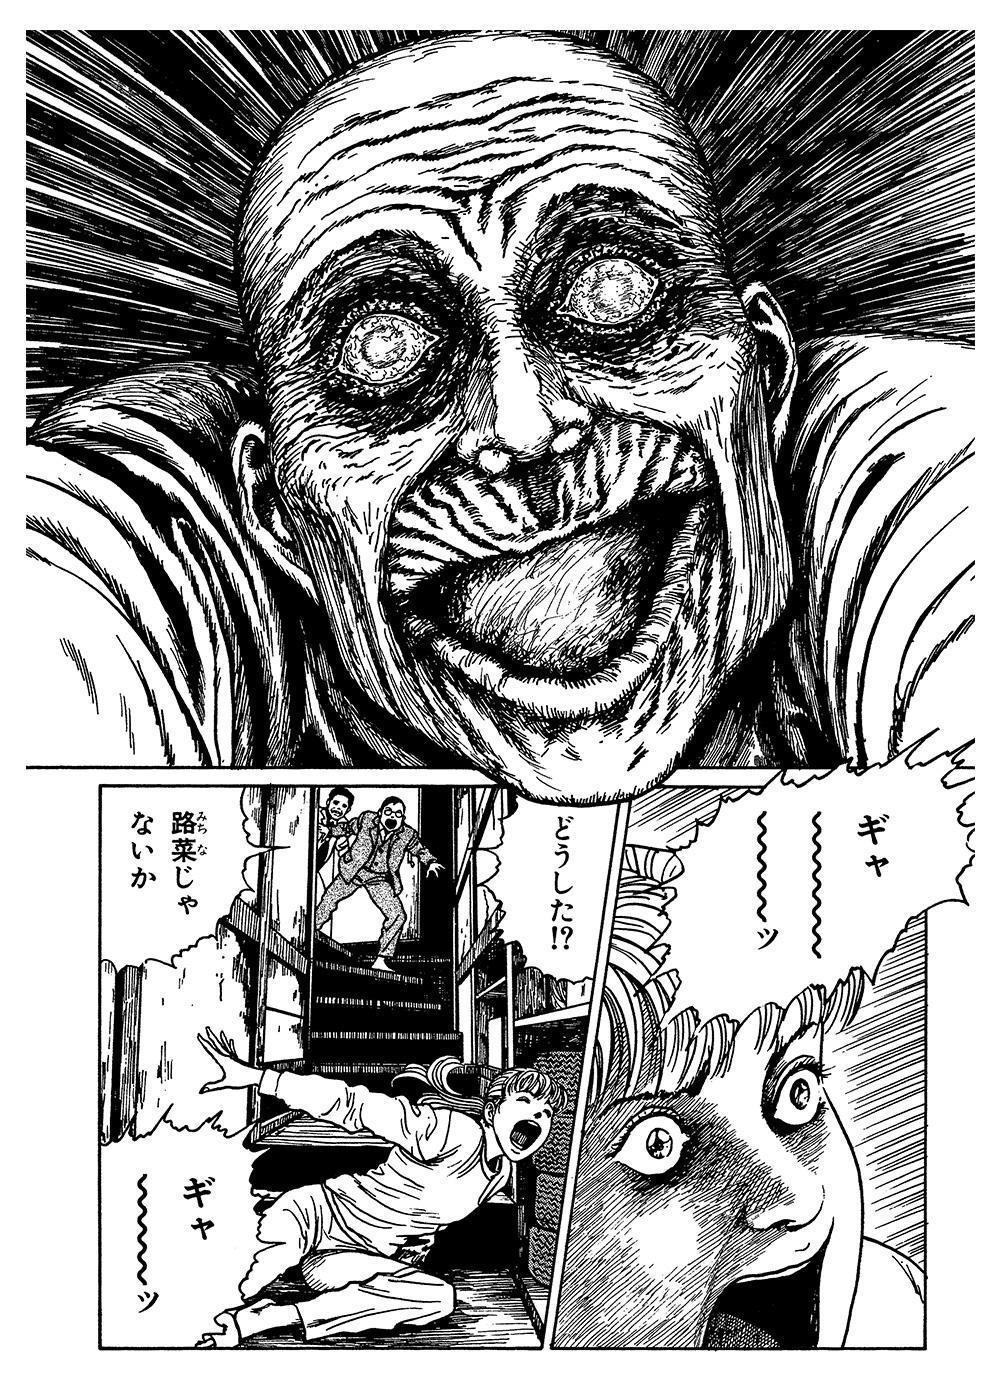 伊藤潤二傑作集「棺桶」①kanoke02-03.jpg